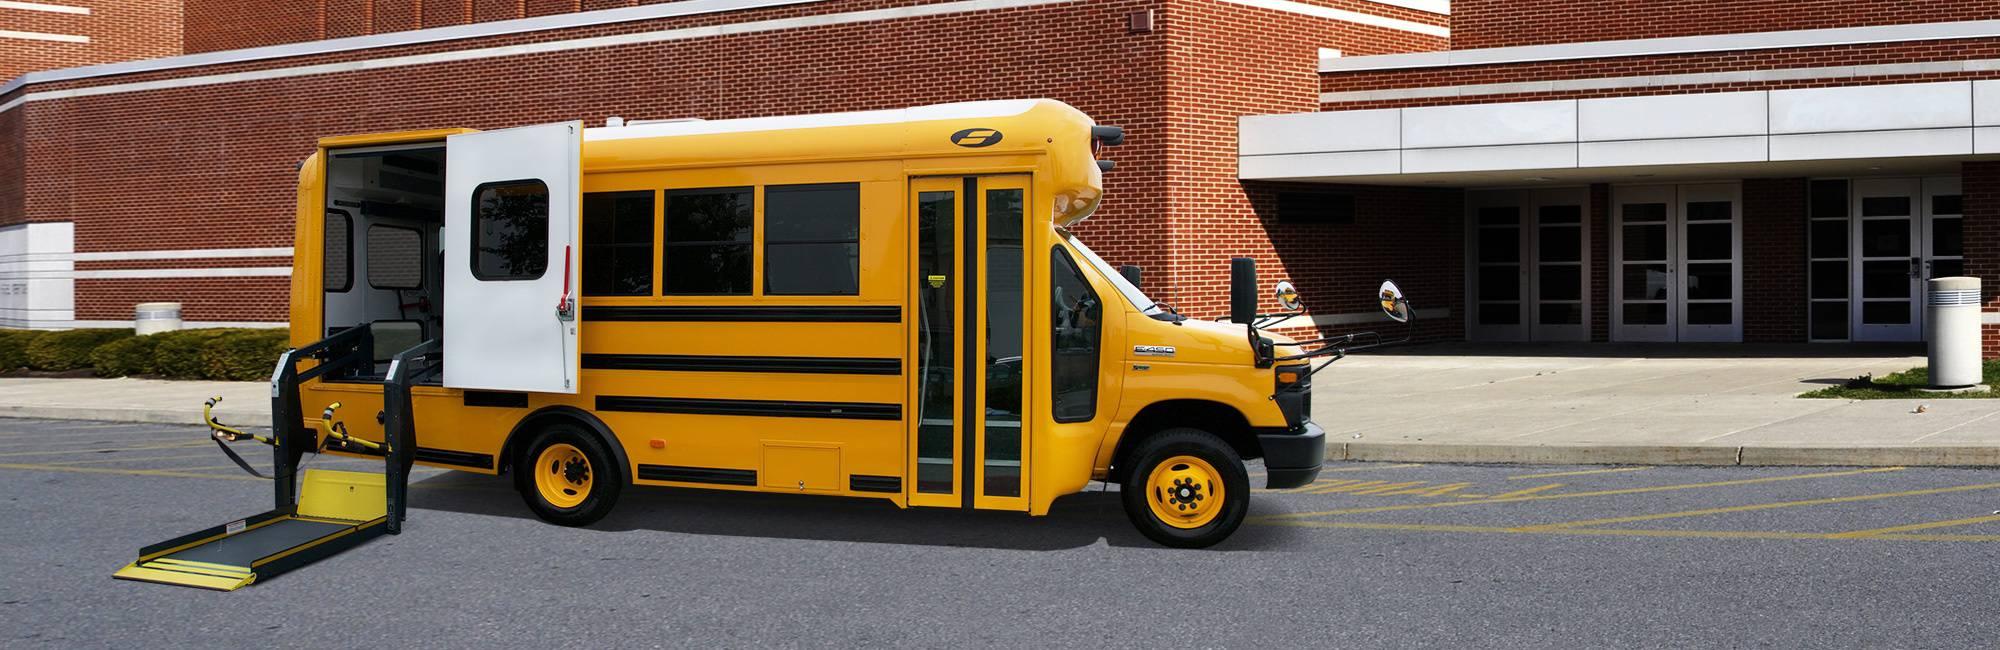 used-schoolbuses.jpg